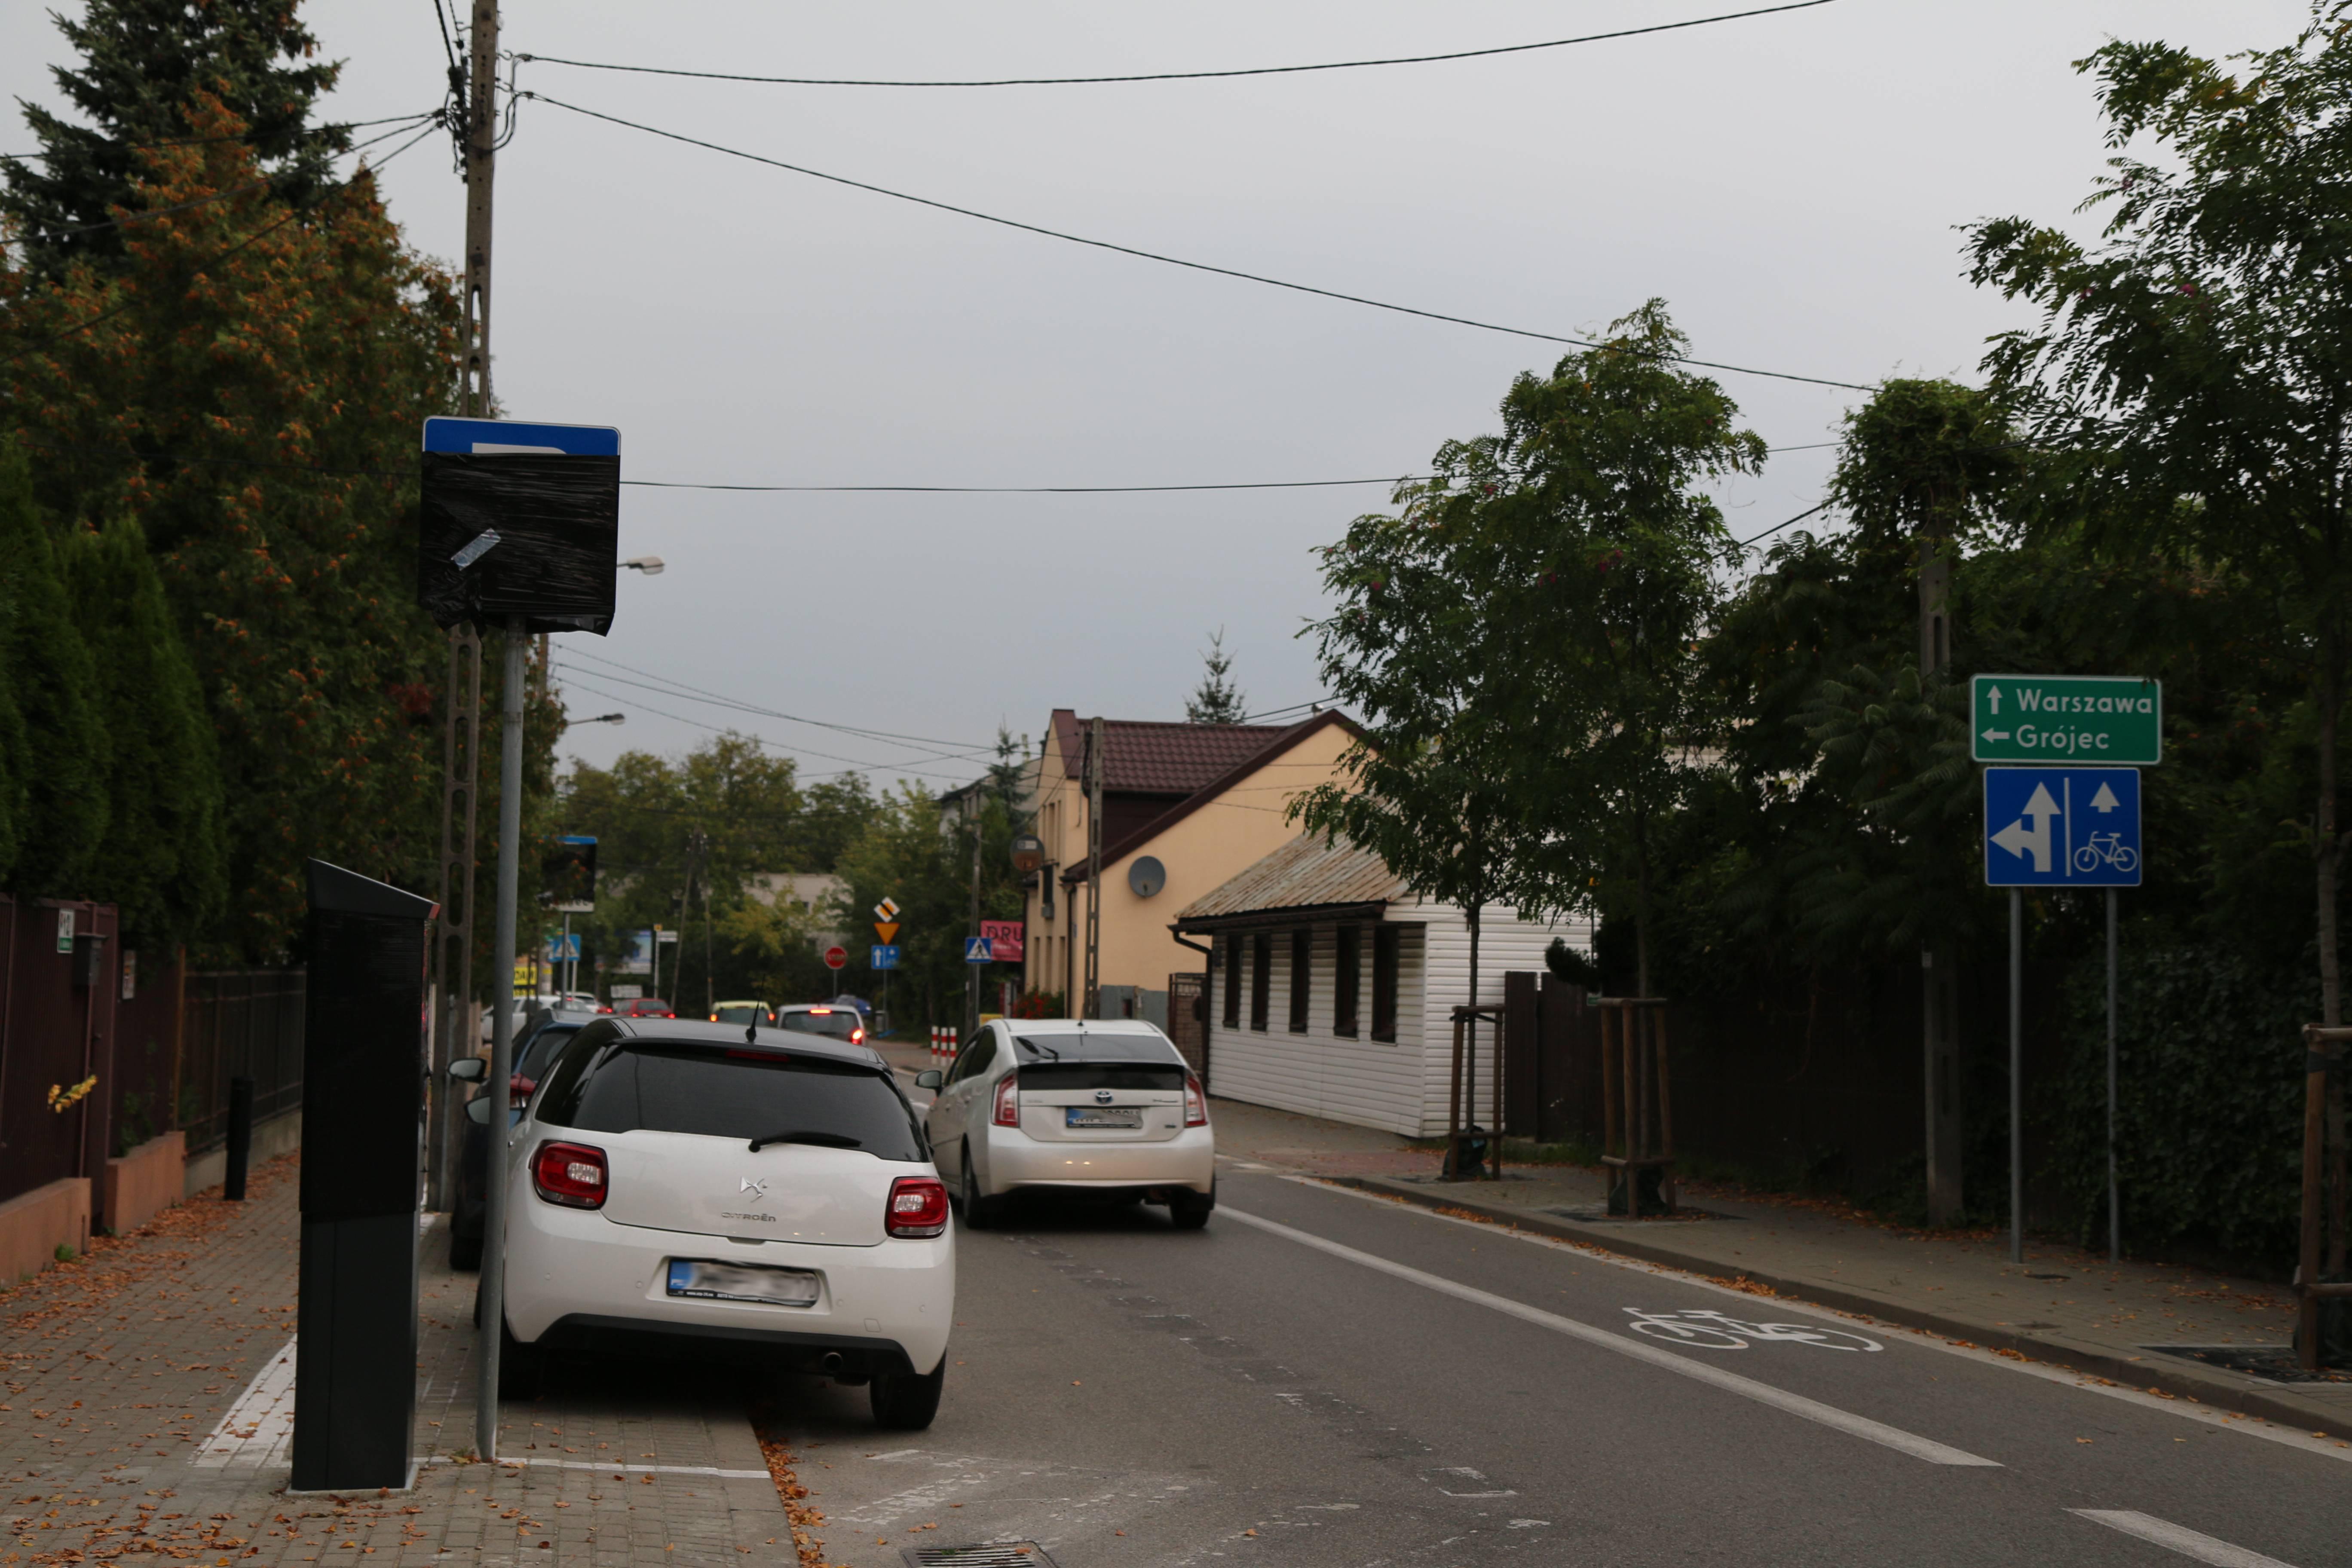 Rozszerzenie Strefy Płatnego Parkowania. Na zdjęciu fragment ul. Kilińskiegoz wyznaczonymi miejscami postojowymi oraz zasłoniętym folią znakiem drogowym - początek parkingu.